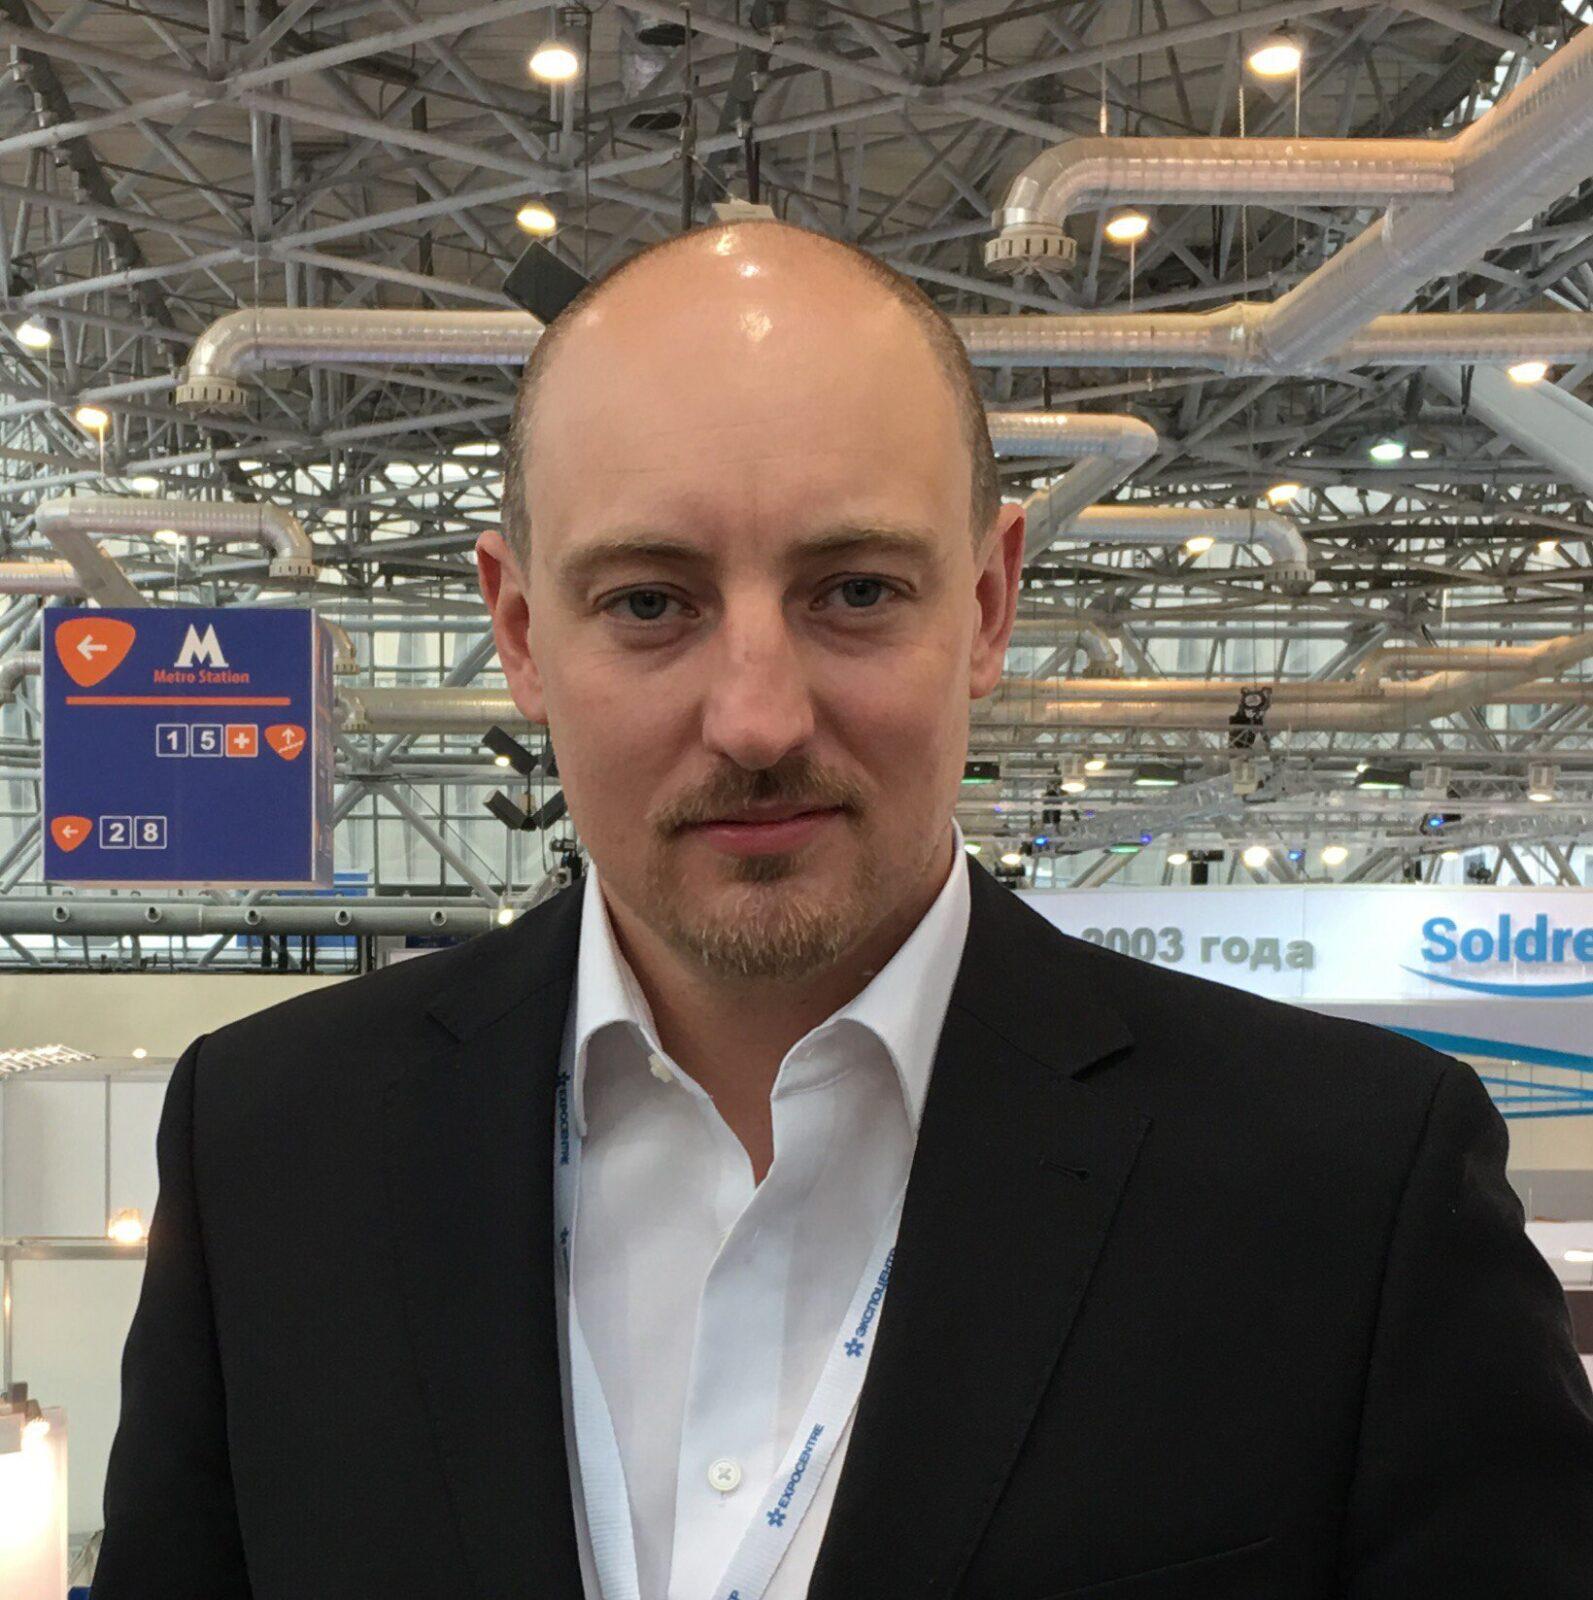 Андрей Дмитриев: Новый закон поможет нам привлечь инвесторов